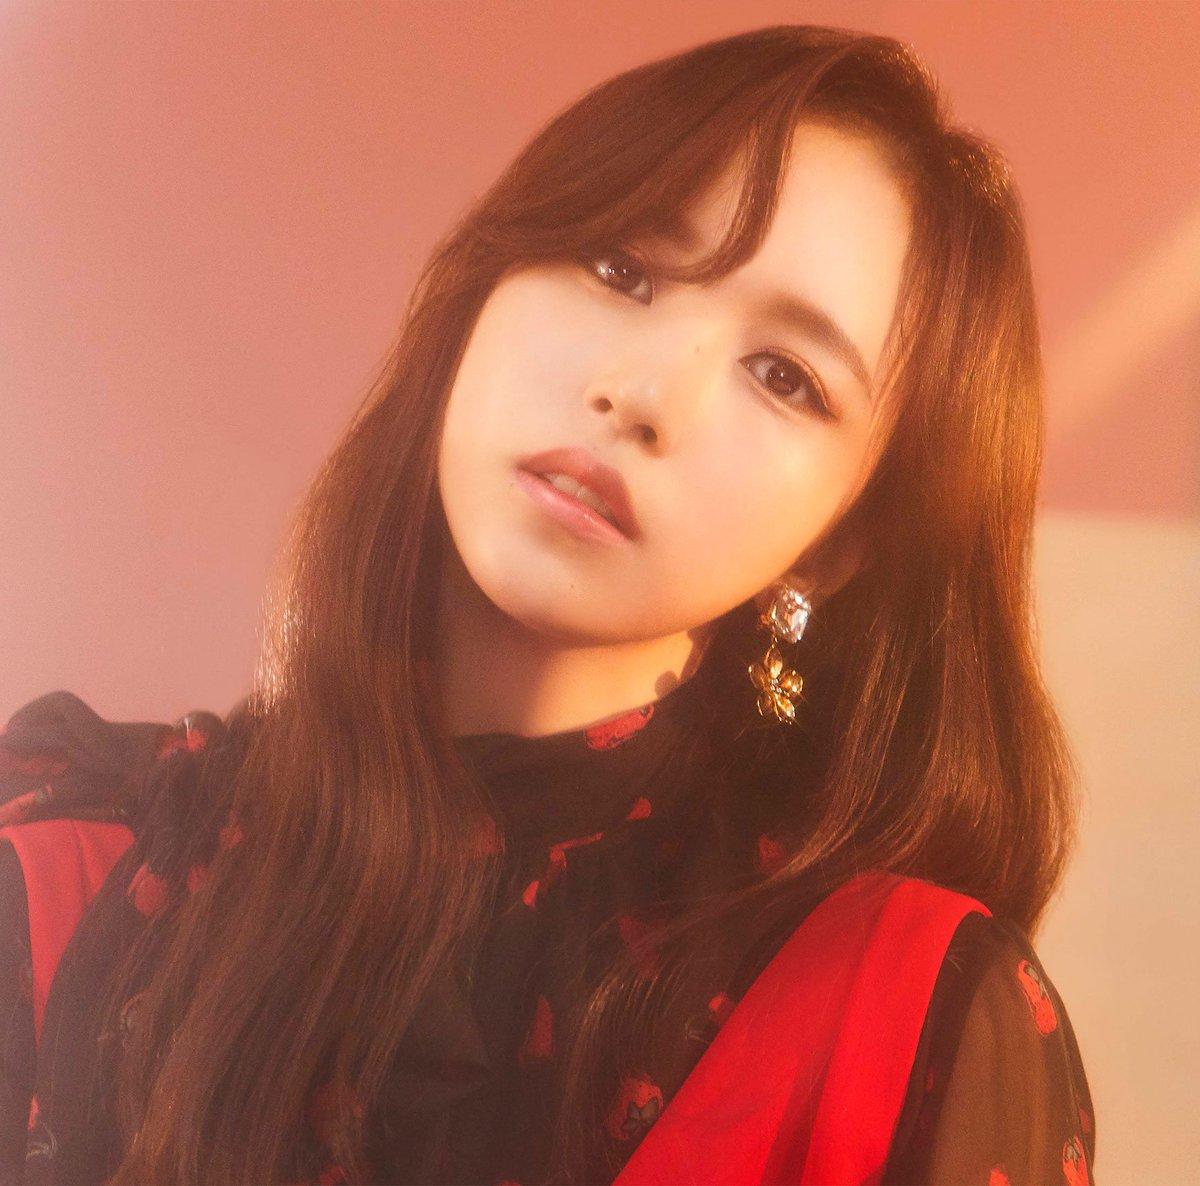 Misa ᴗ S Tweet Mina Participated In The Album Preparations